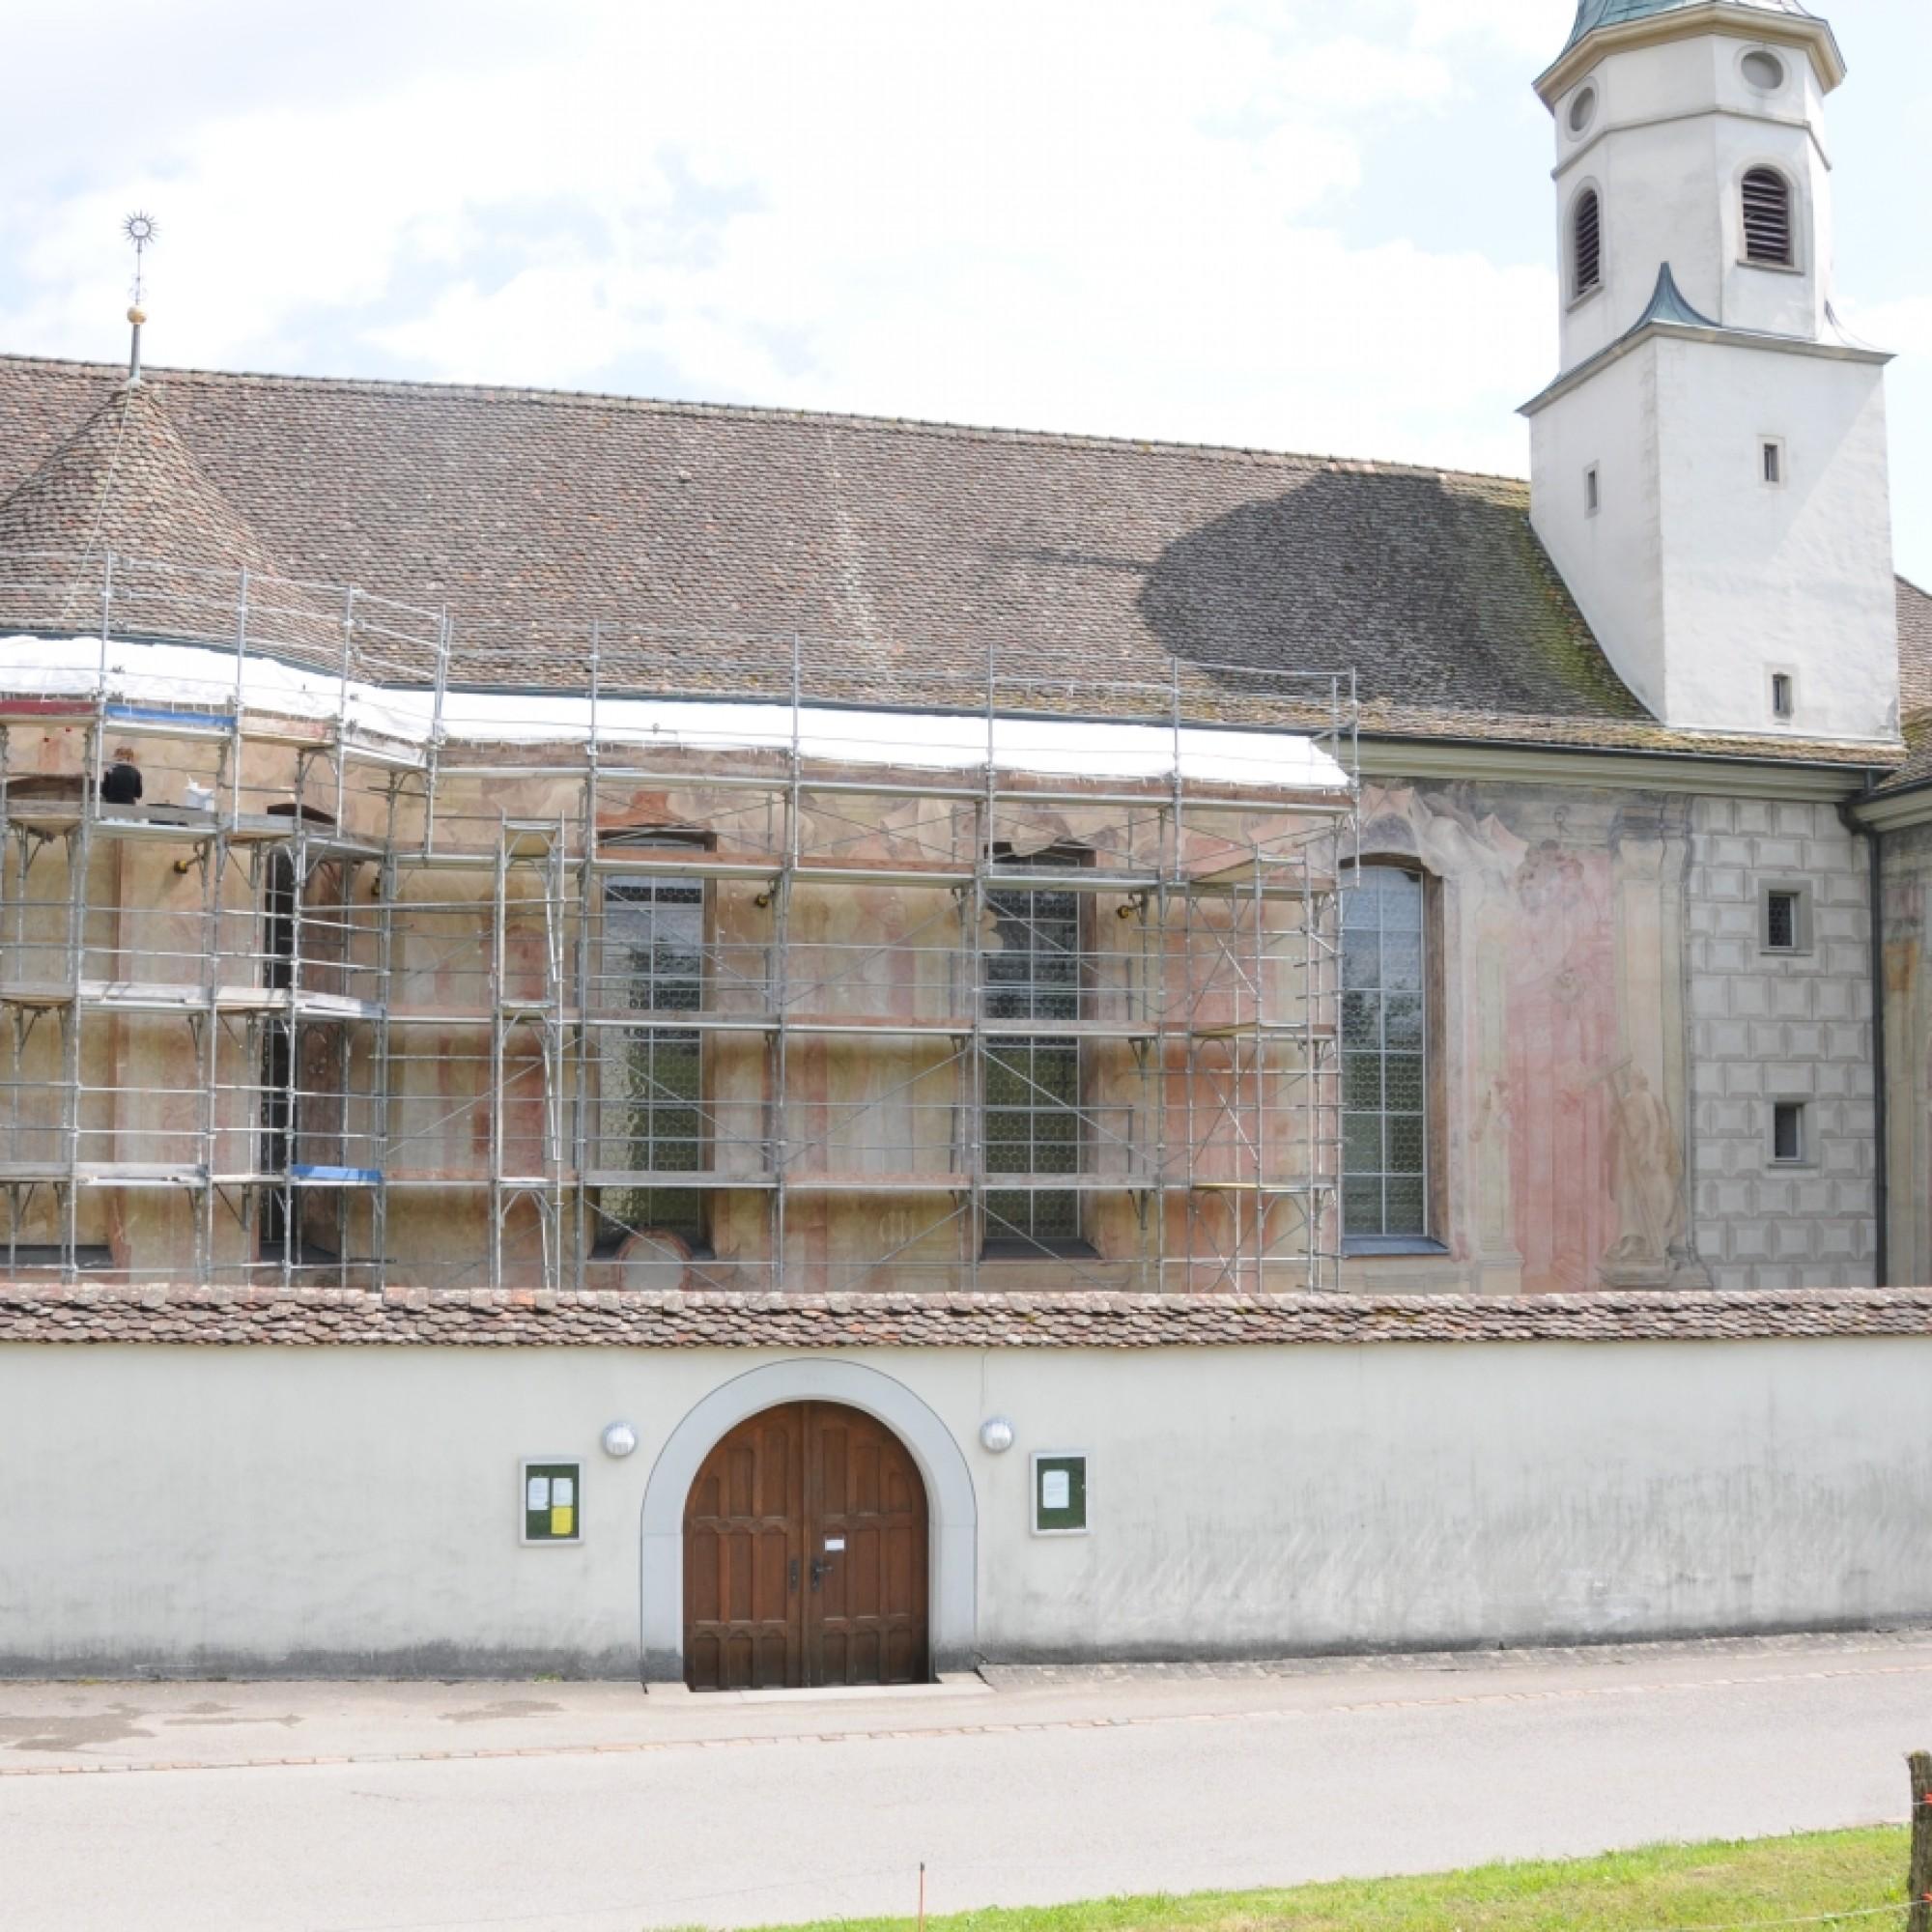 Die eingerüstete Fassade des Kirchhofs mit den Fresken der Brüder Torricelli,  (PD / Doris Warger, Restauratorin SKR)